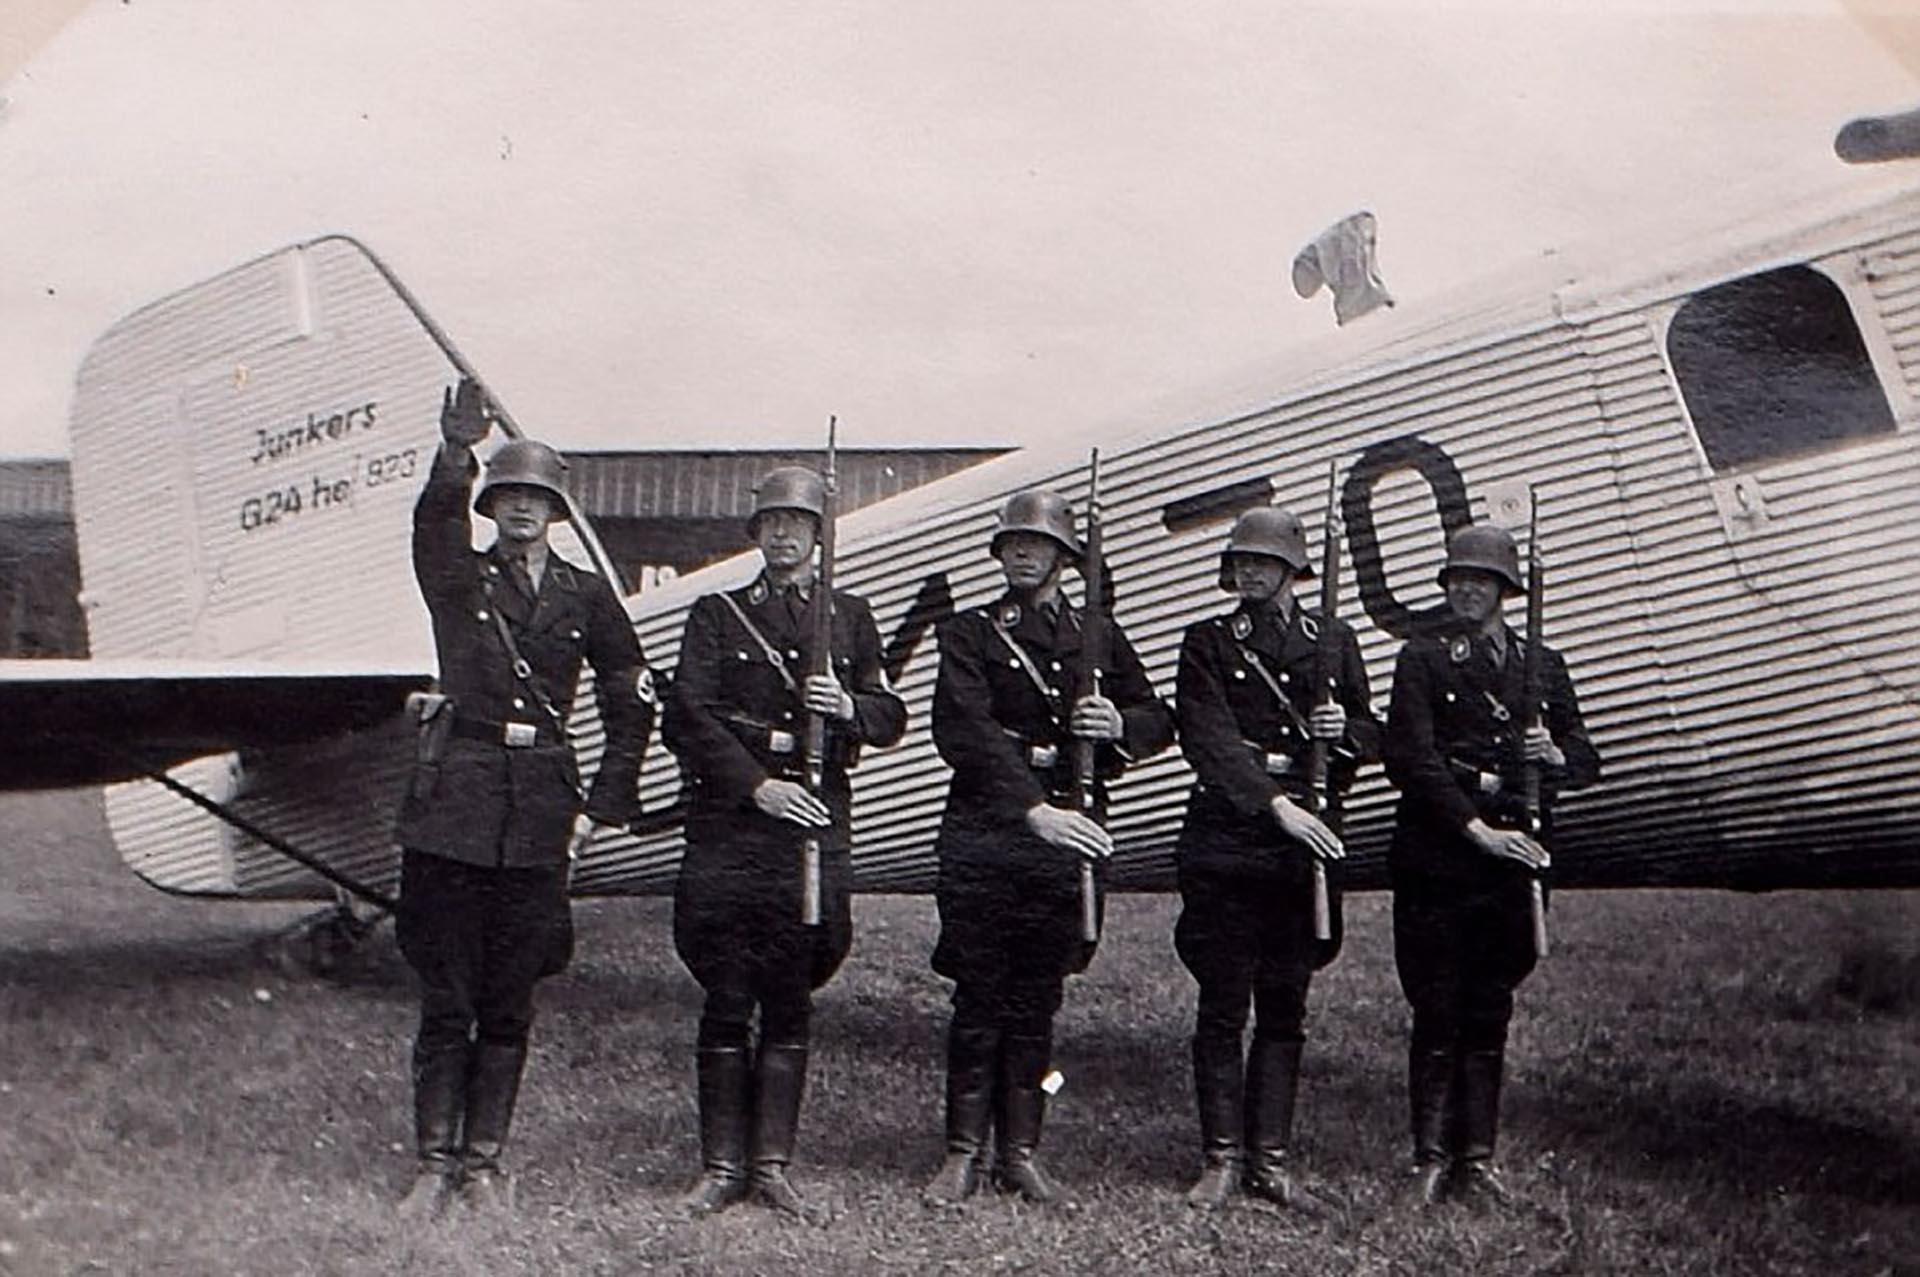 Una imagen de soldados nazis ante uno de los aviones Junkers G24